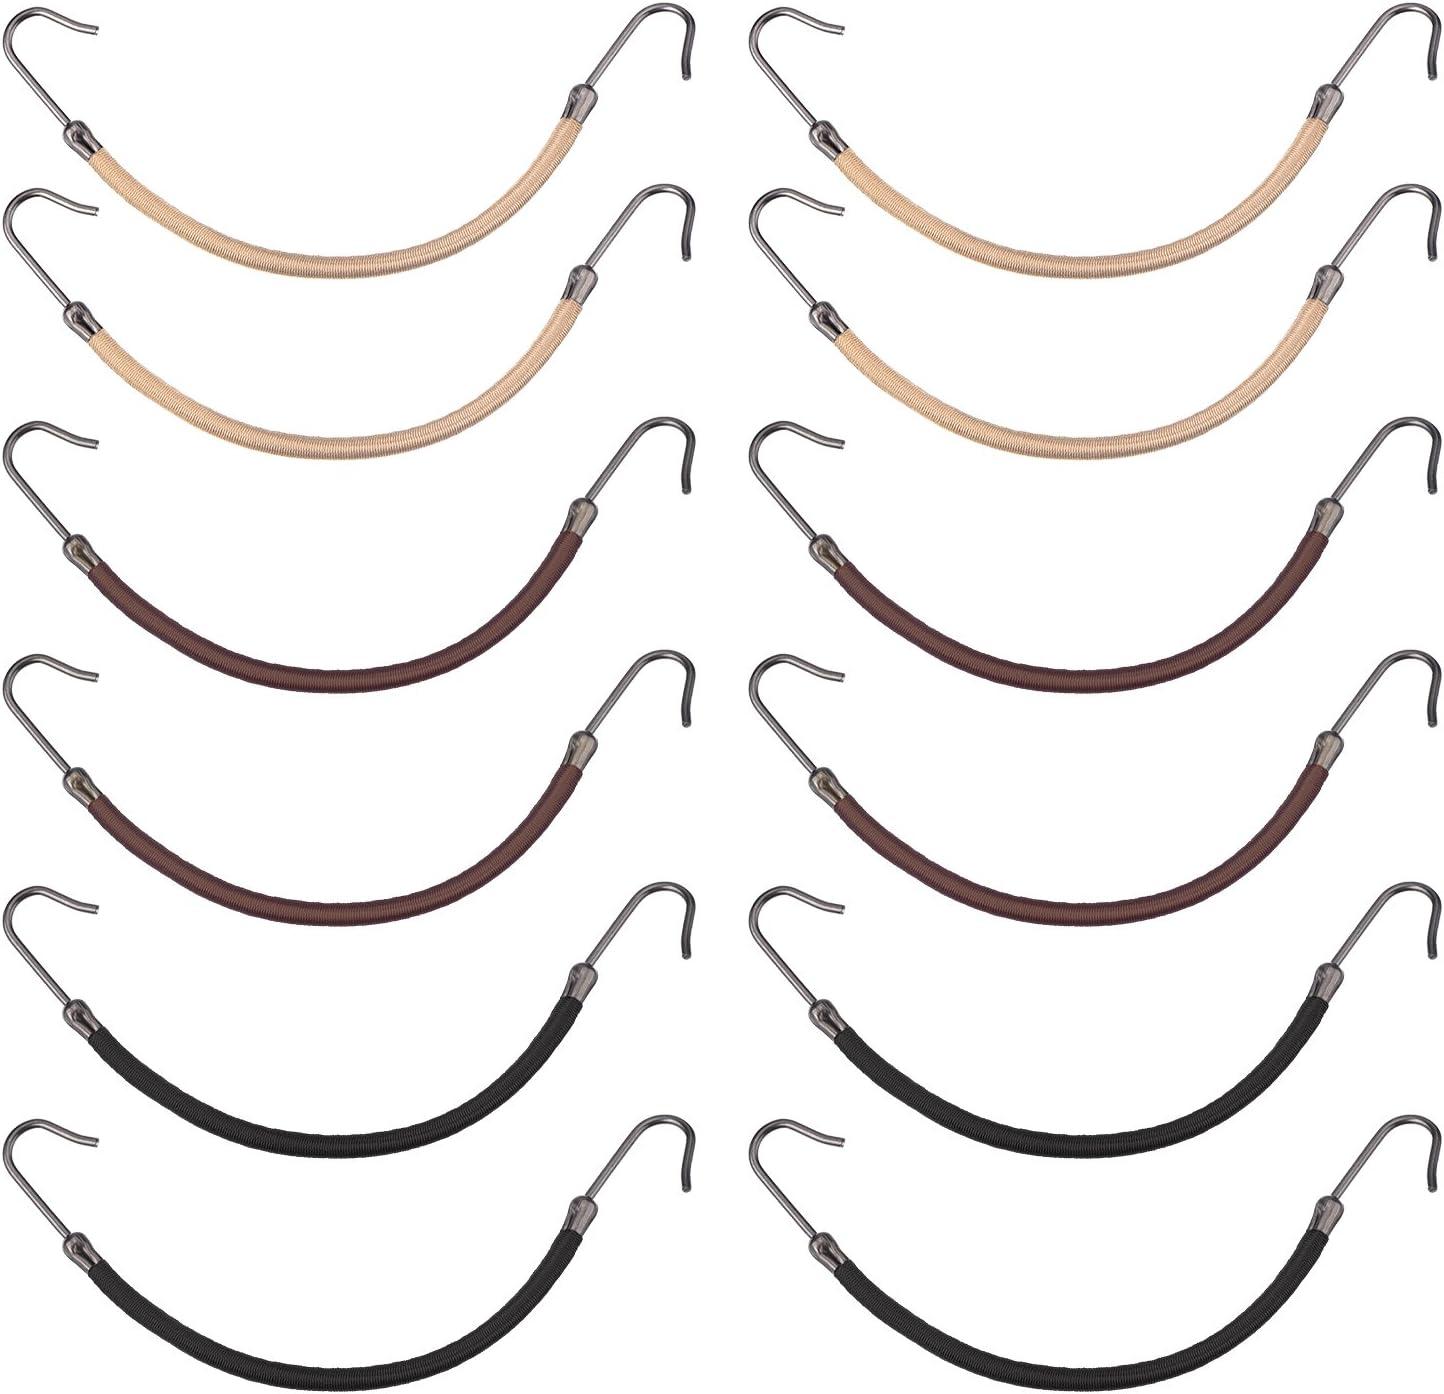 15 Piezas de Banda Elástica Ganchos de Cola de Caballo de Peinado, Negro, Marrón y Rubia